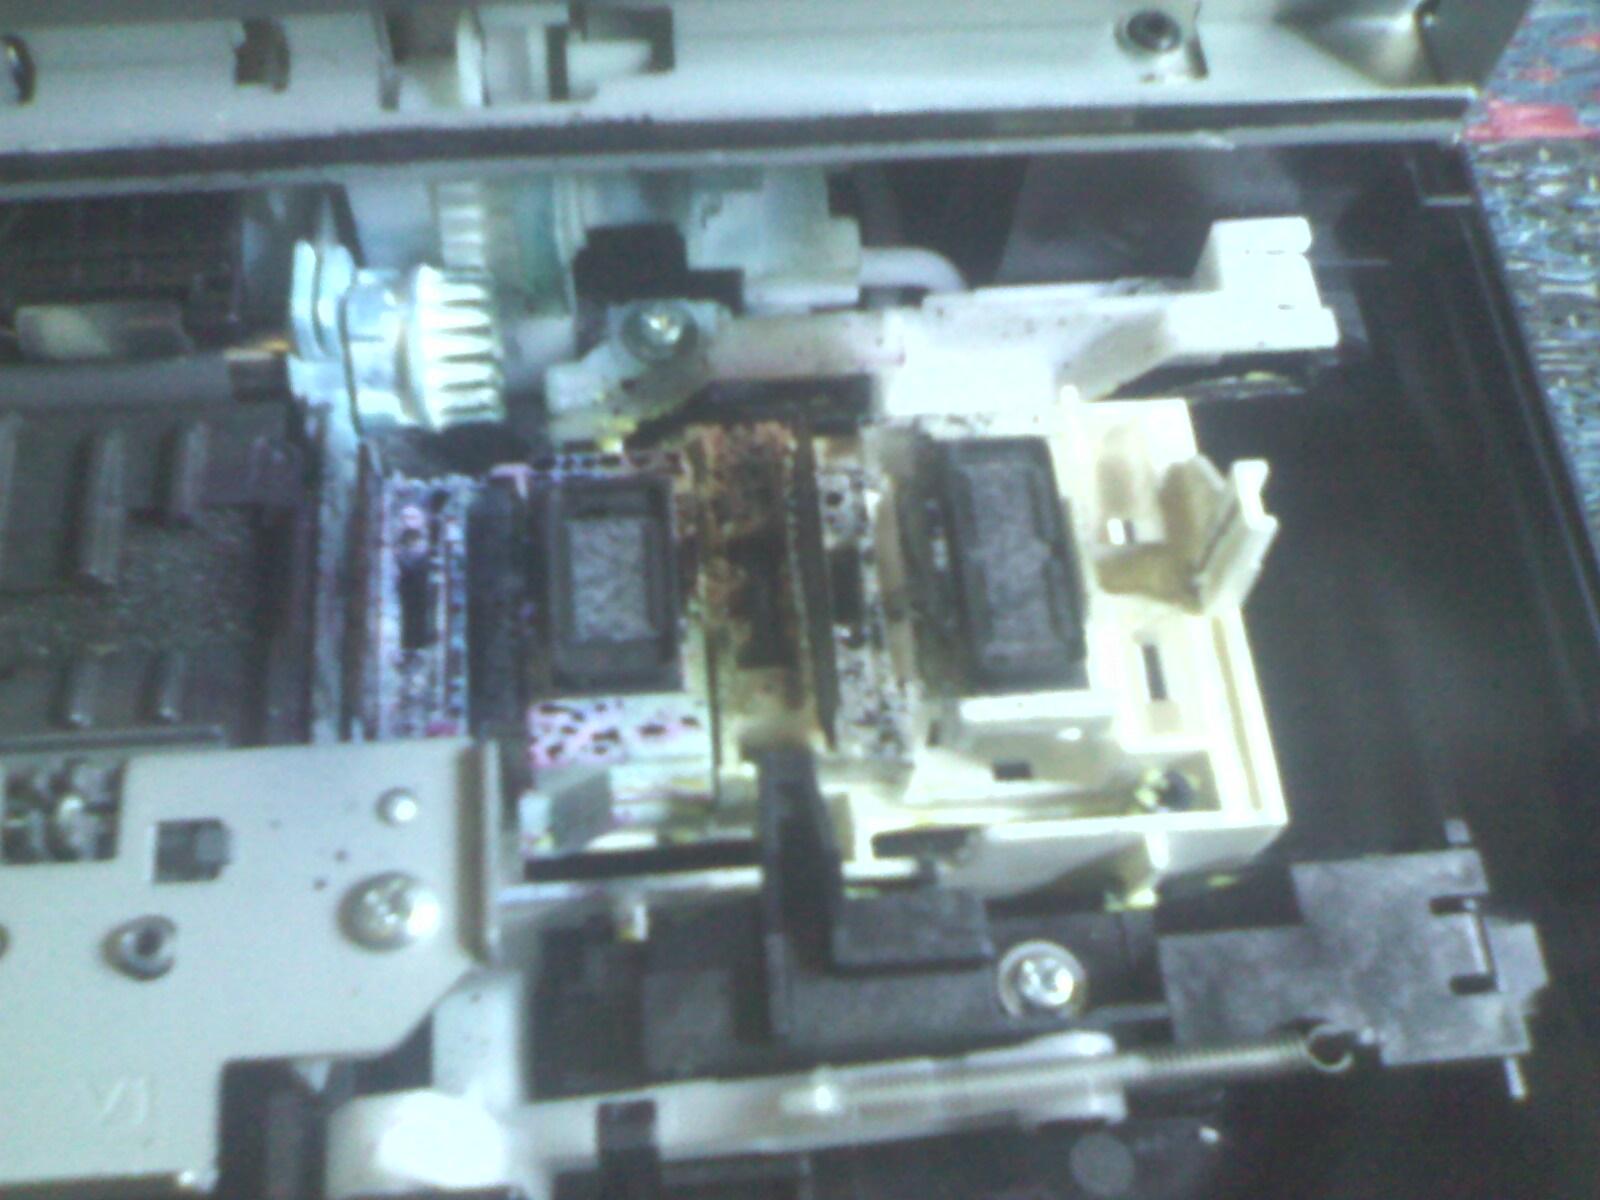 Belajar Jujur Dan Amanah Cara Mudah Membongkar Total Printer Canon Ip2770 System Tinta Infus 5 Saran Saya Untuk Yang Baru Pertama Kali Membuka Atau Membongka Lebih Baik Jika Mempersiapkan Lain Sebagai Contoh Karena Ada Beberapa